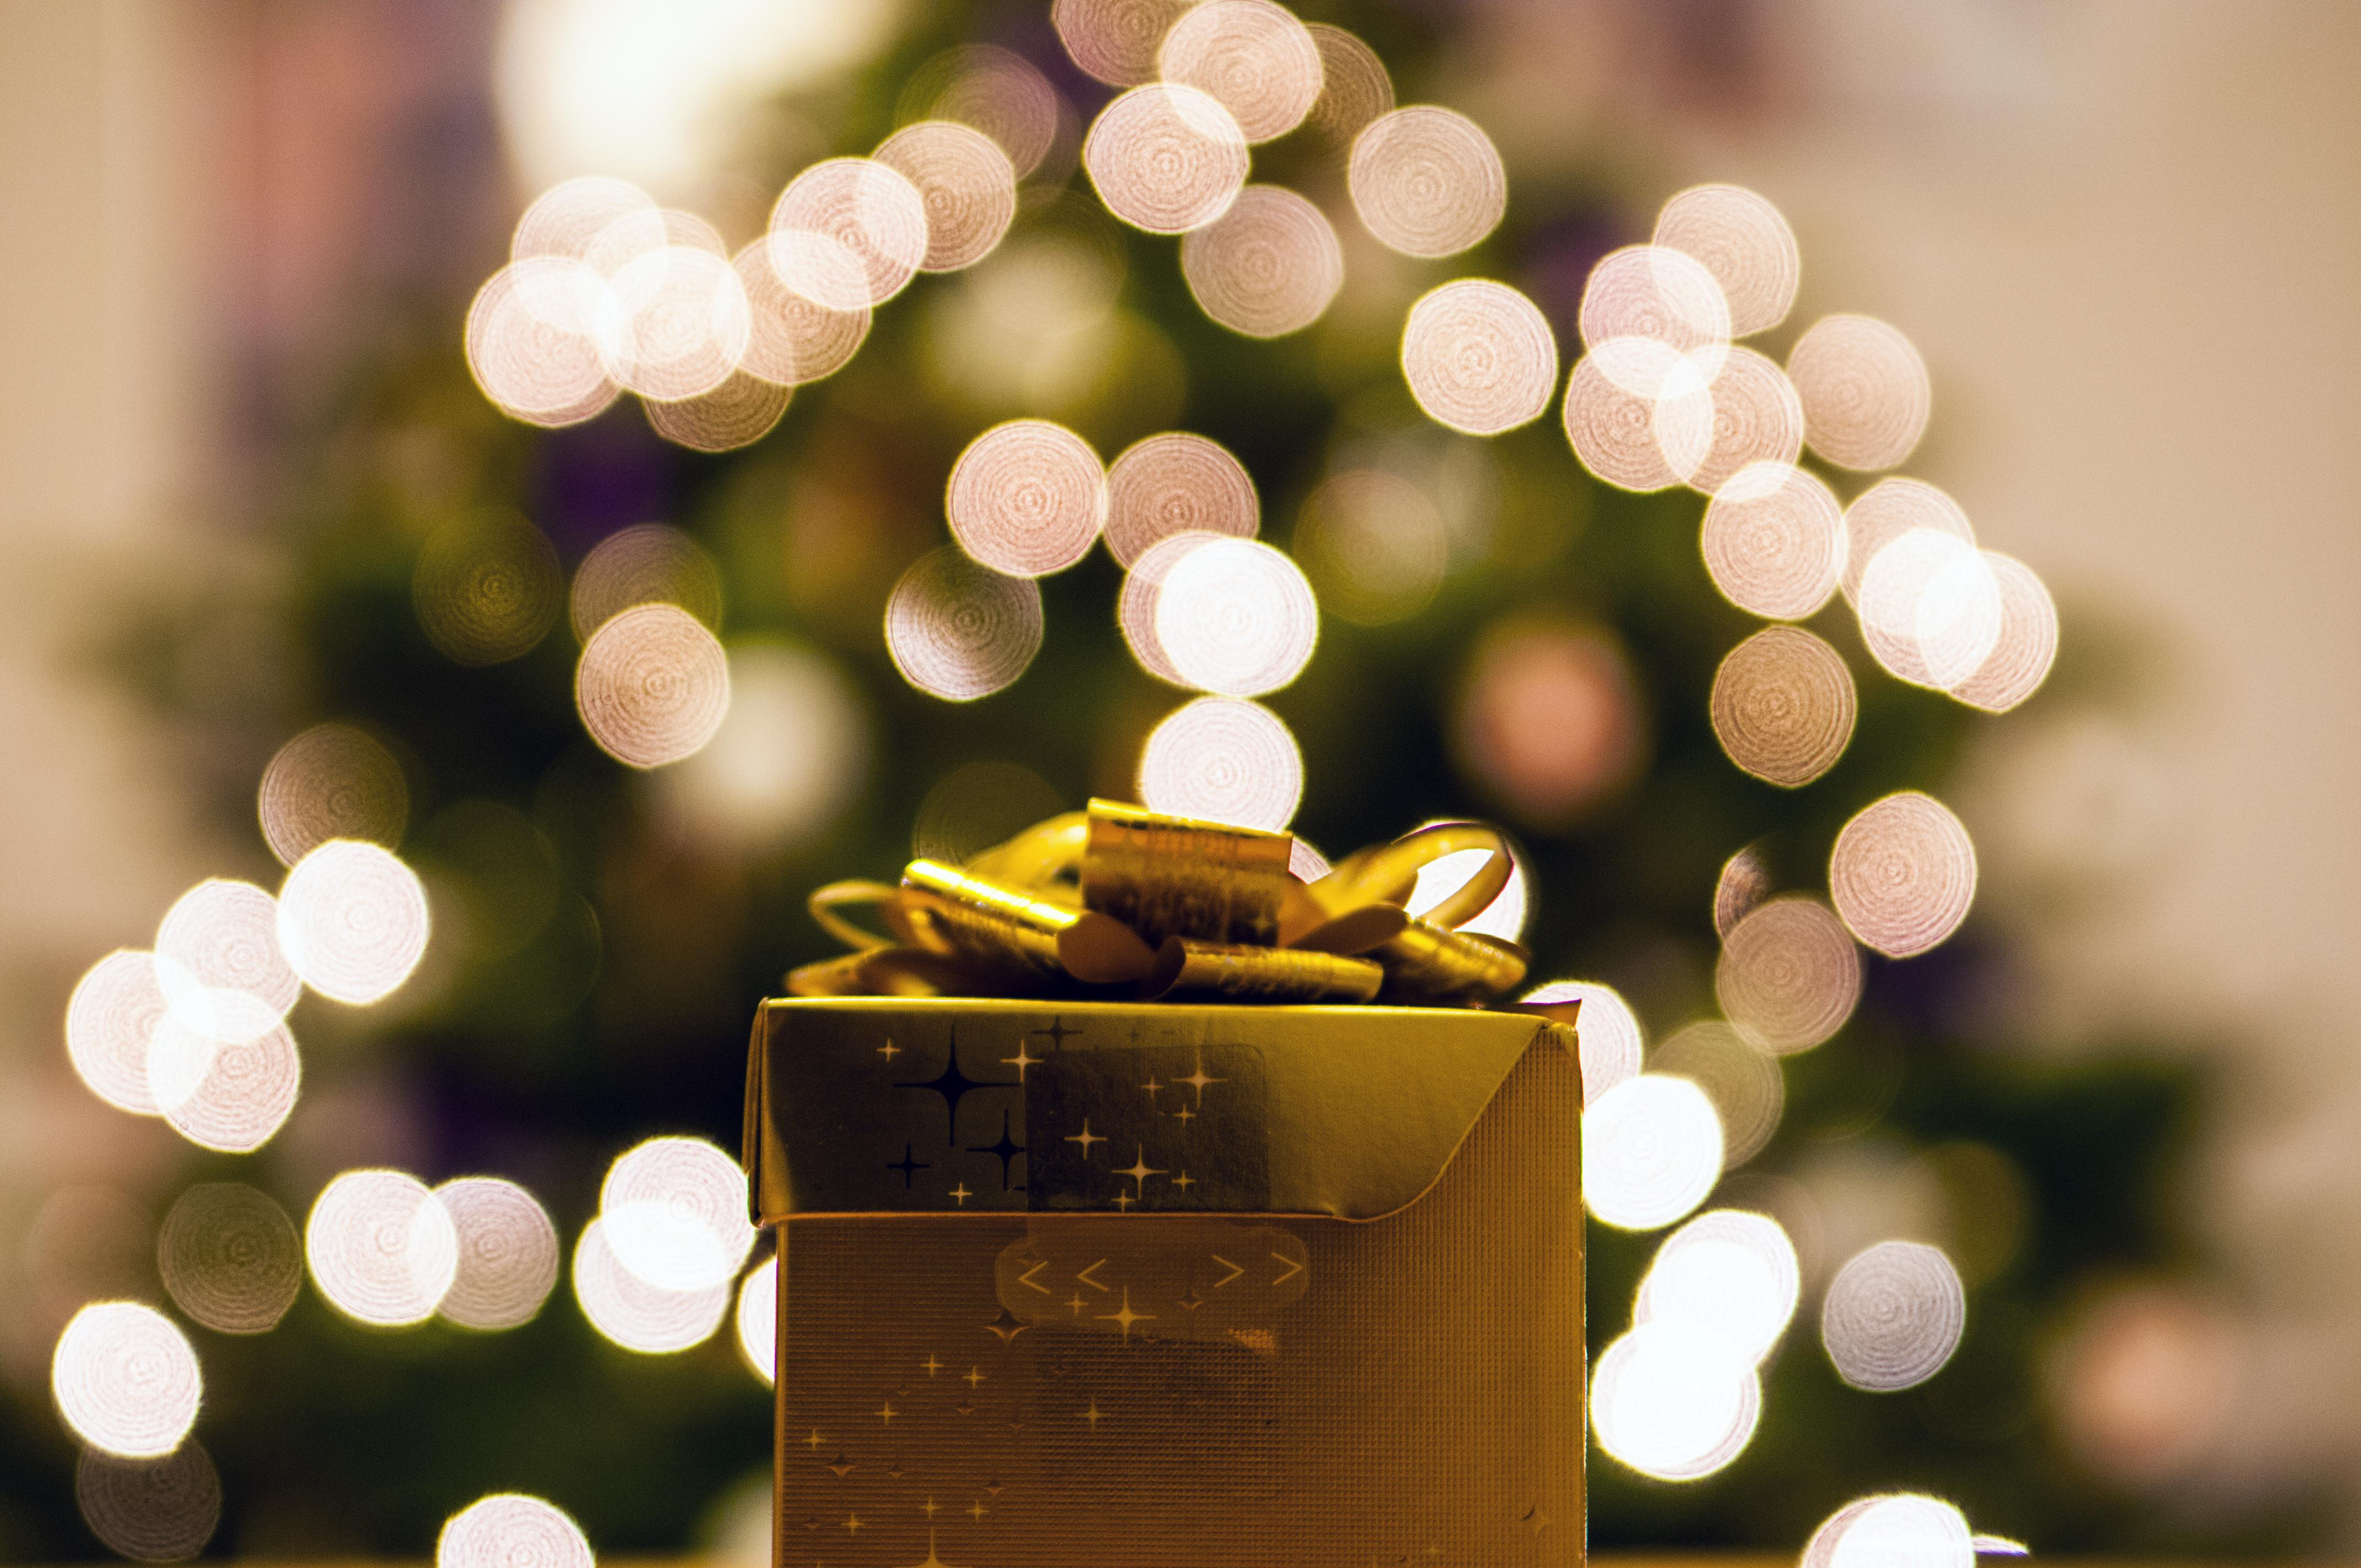 pexels-photo-76931-cadeautje